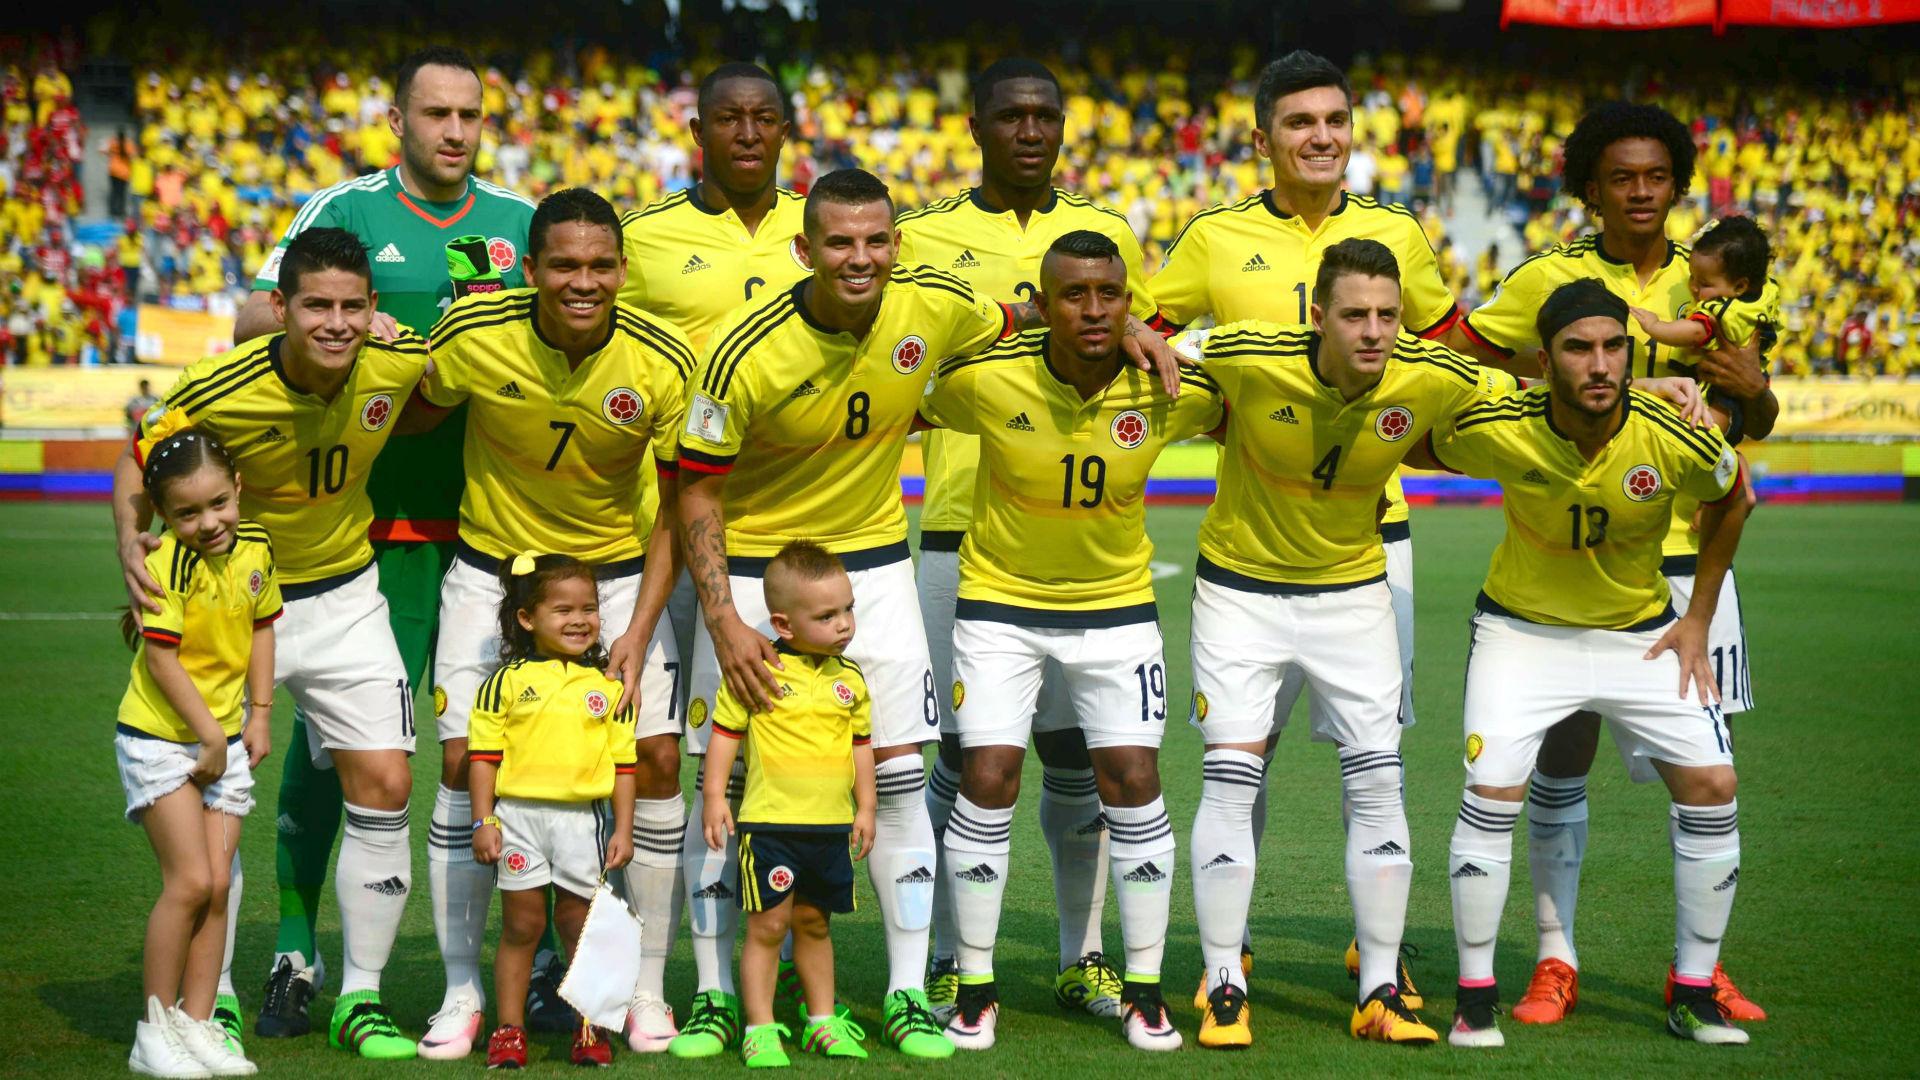 Selección COLOMBIA  ELIMINADA de la Copa América Centenario por DOPAJE!